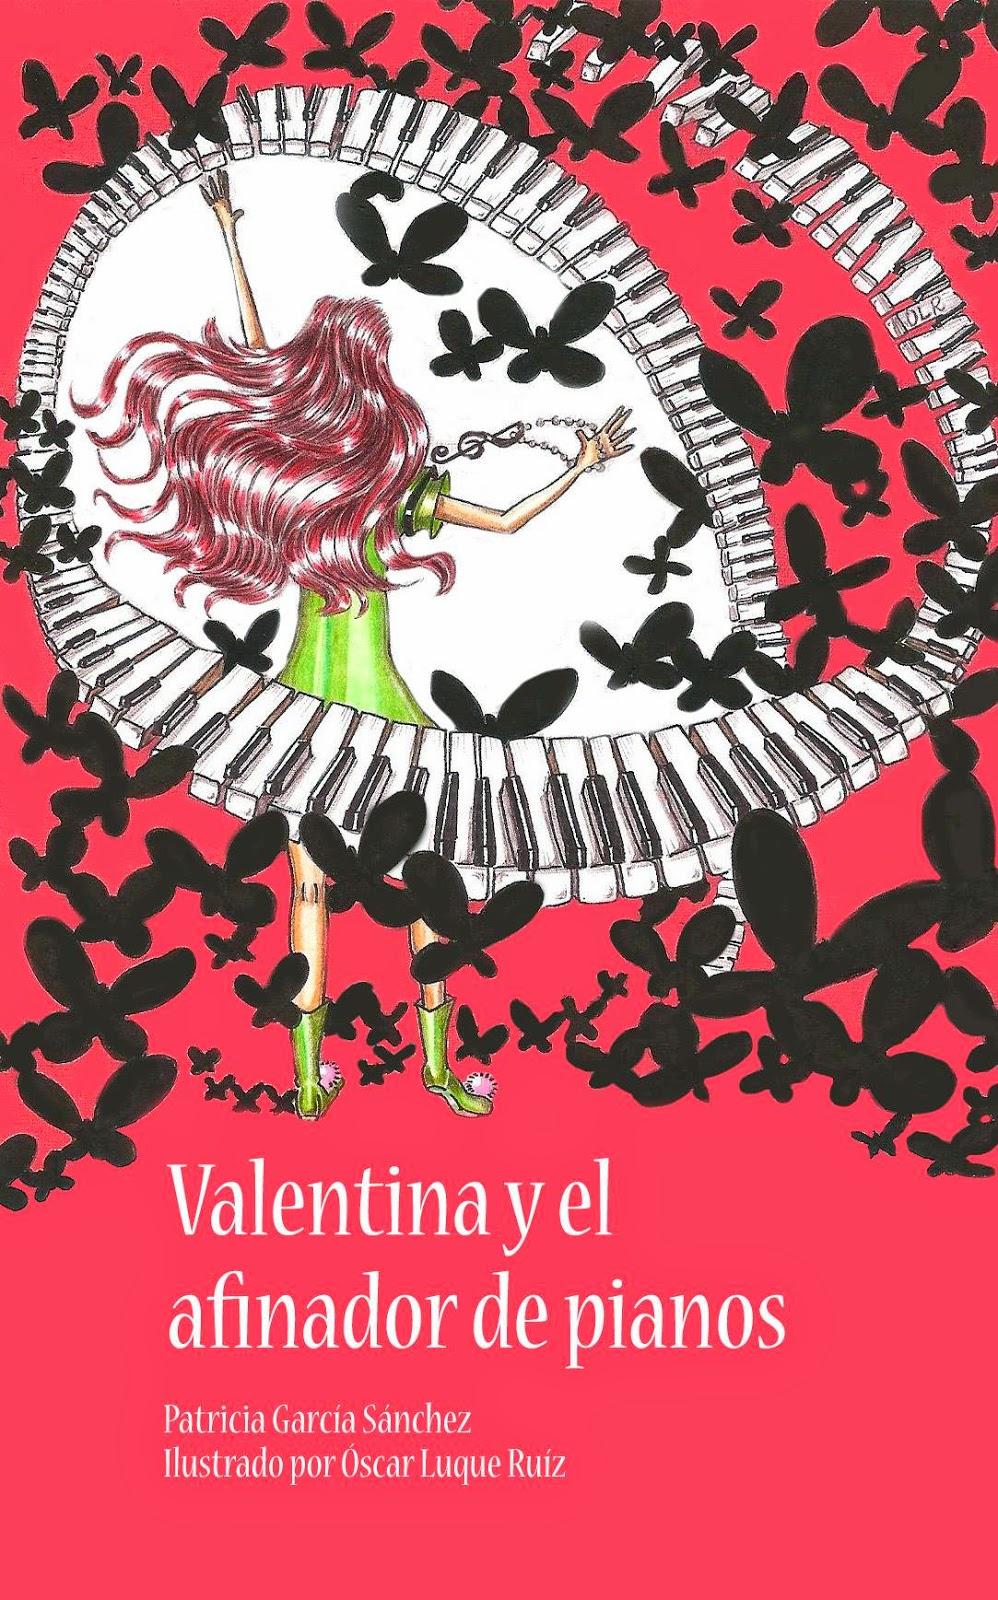 Valentina y el afinador de pianos